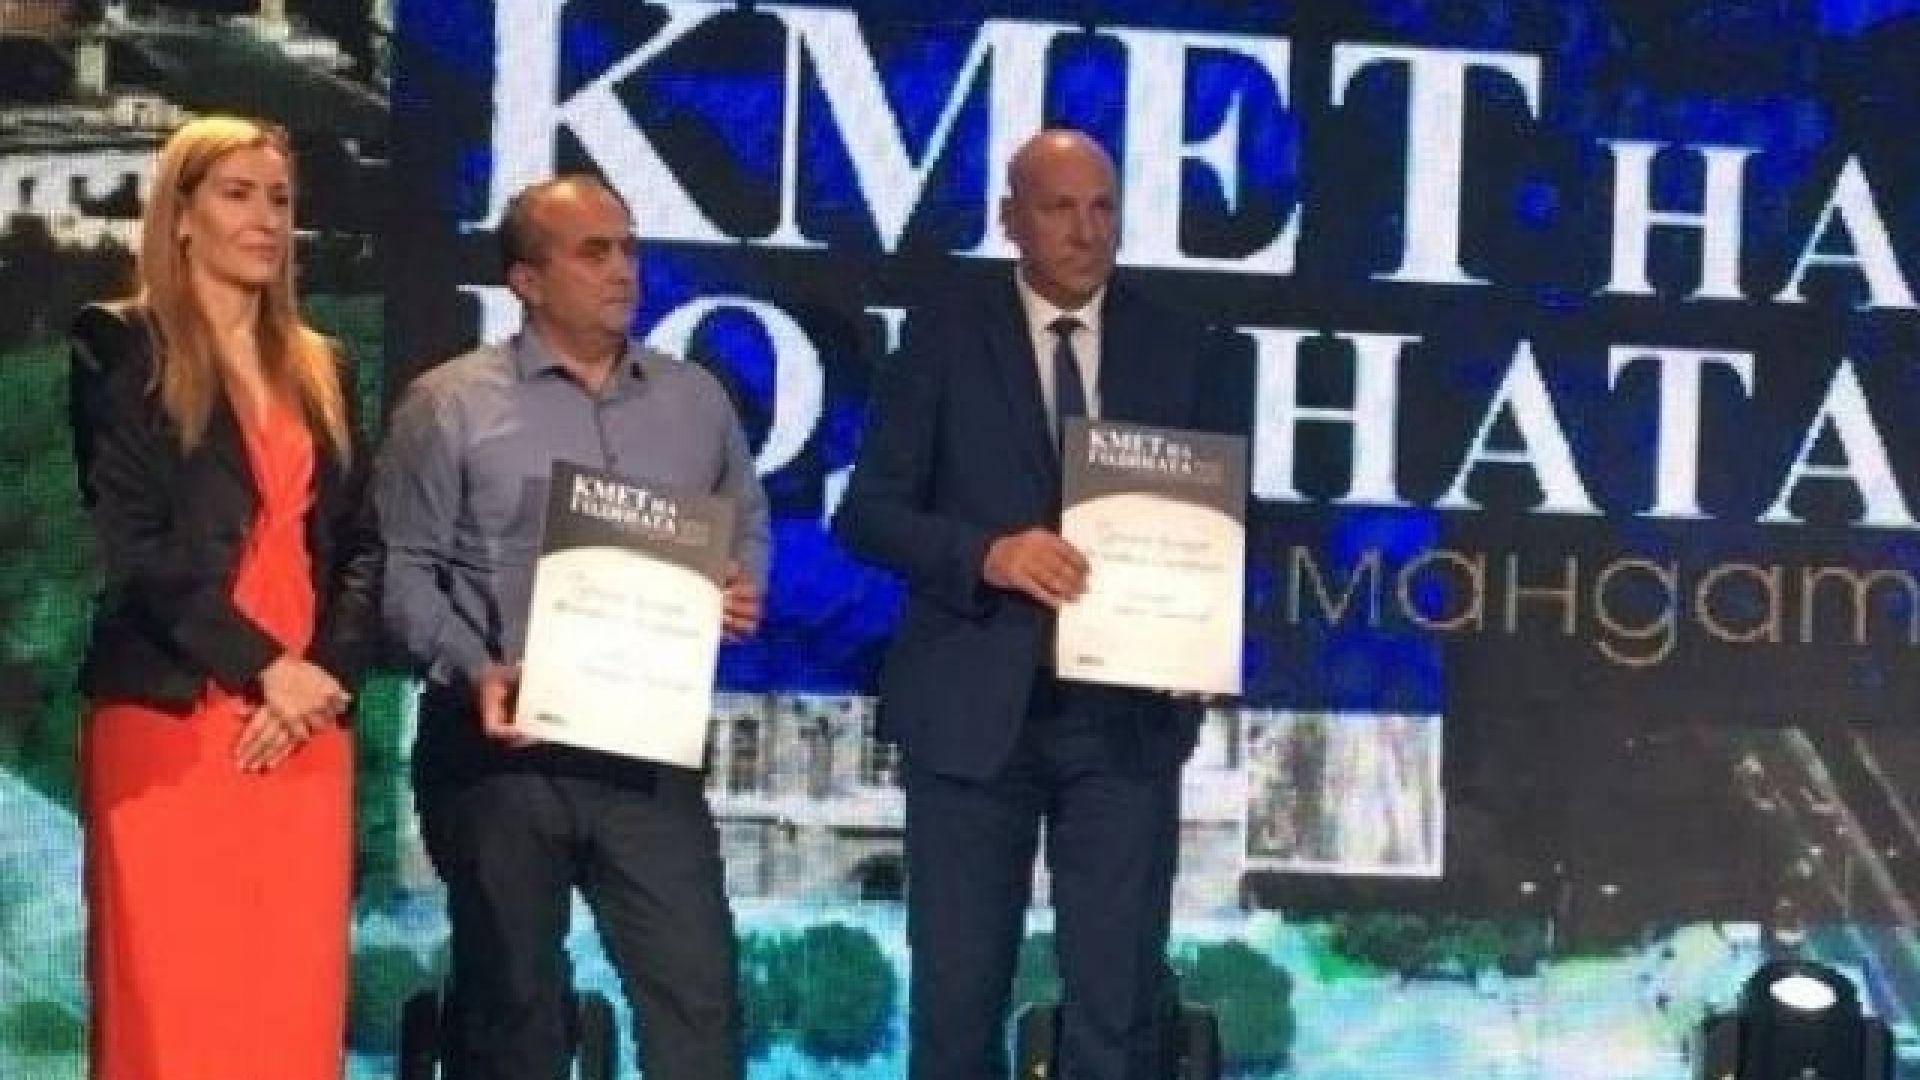 Градоначалникът на Бургас Димитър Николов бе отличен с приза кмет